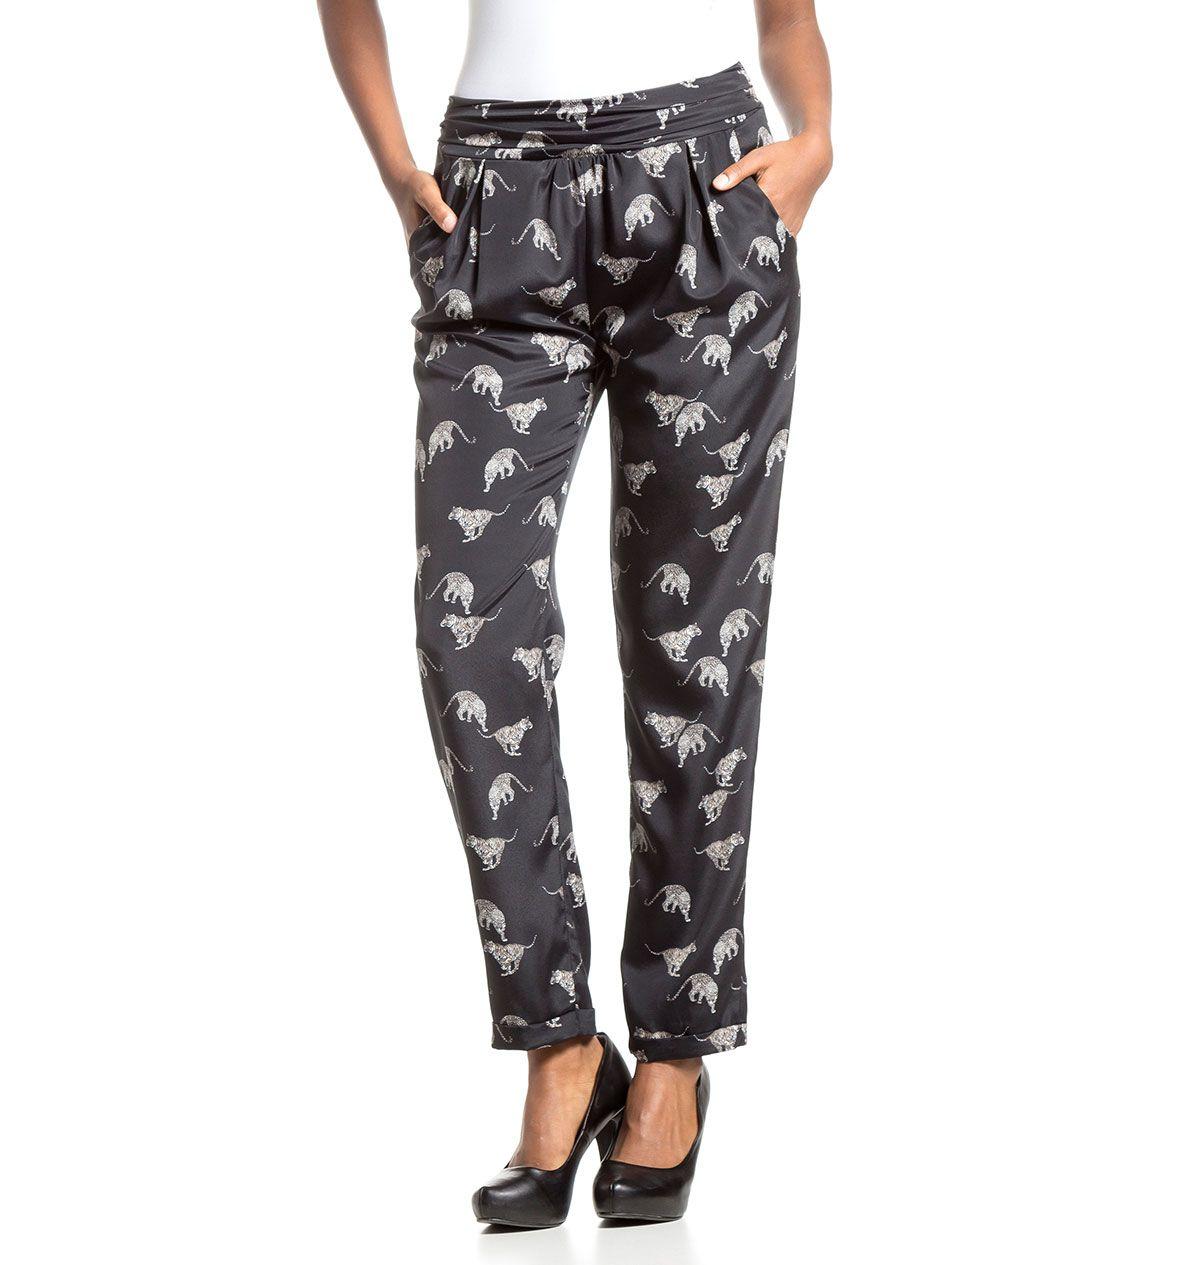 Pantalones fluidos negros con estampado